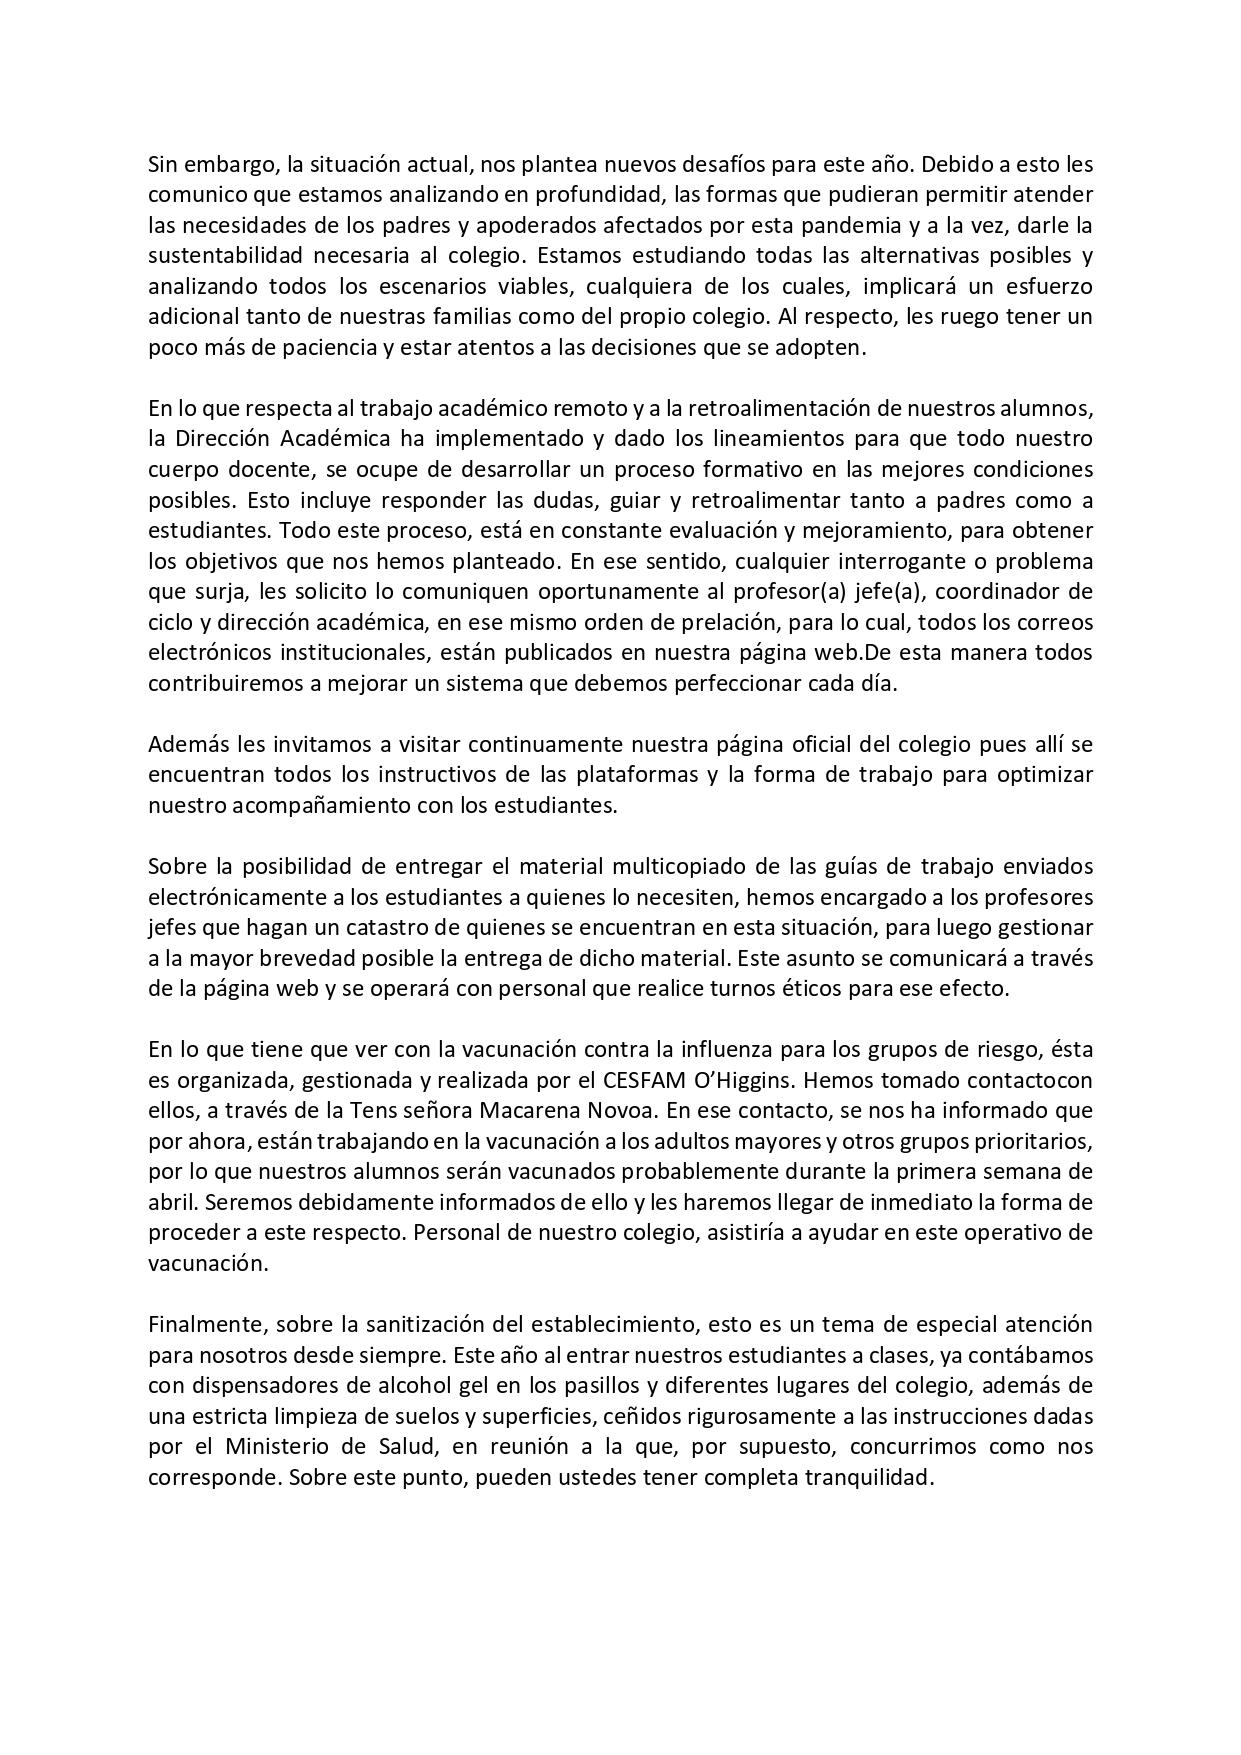 CARTA RESPUESTA RECTORA_page-0002